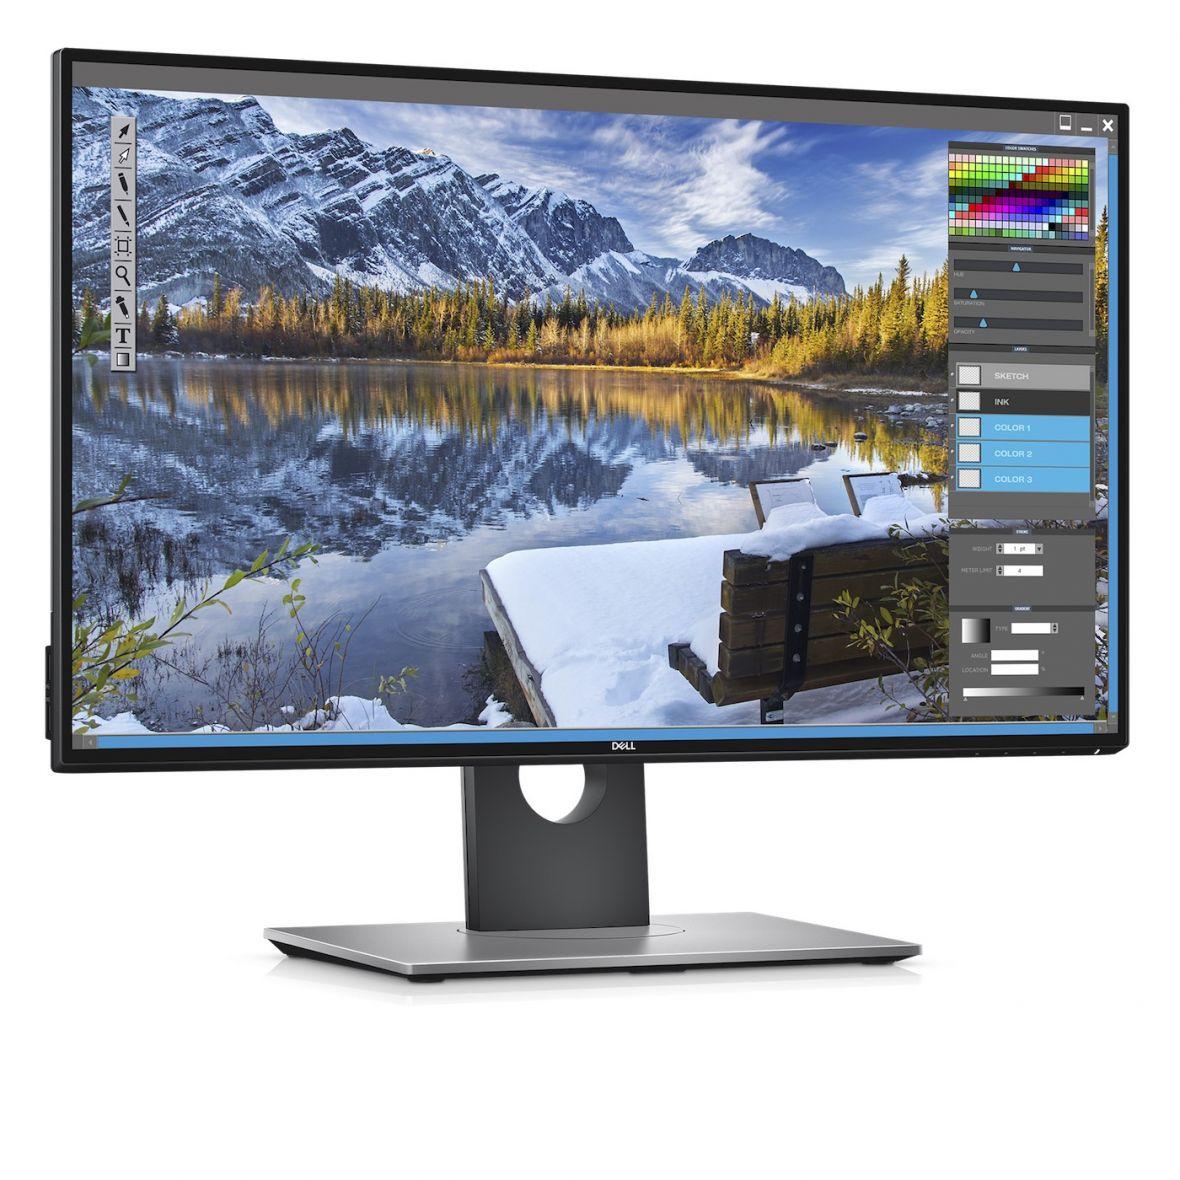 Czyste szaleństwo – Dell stworzył swój pierwszy monitor z technologią HDR